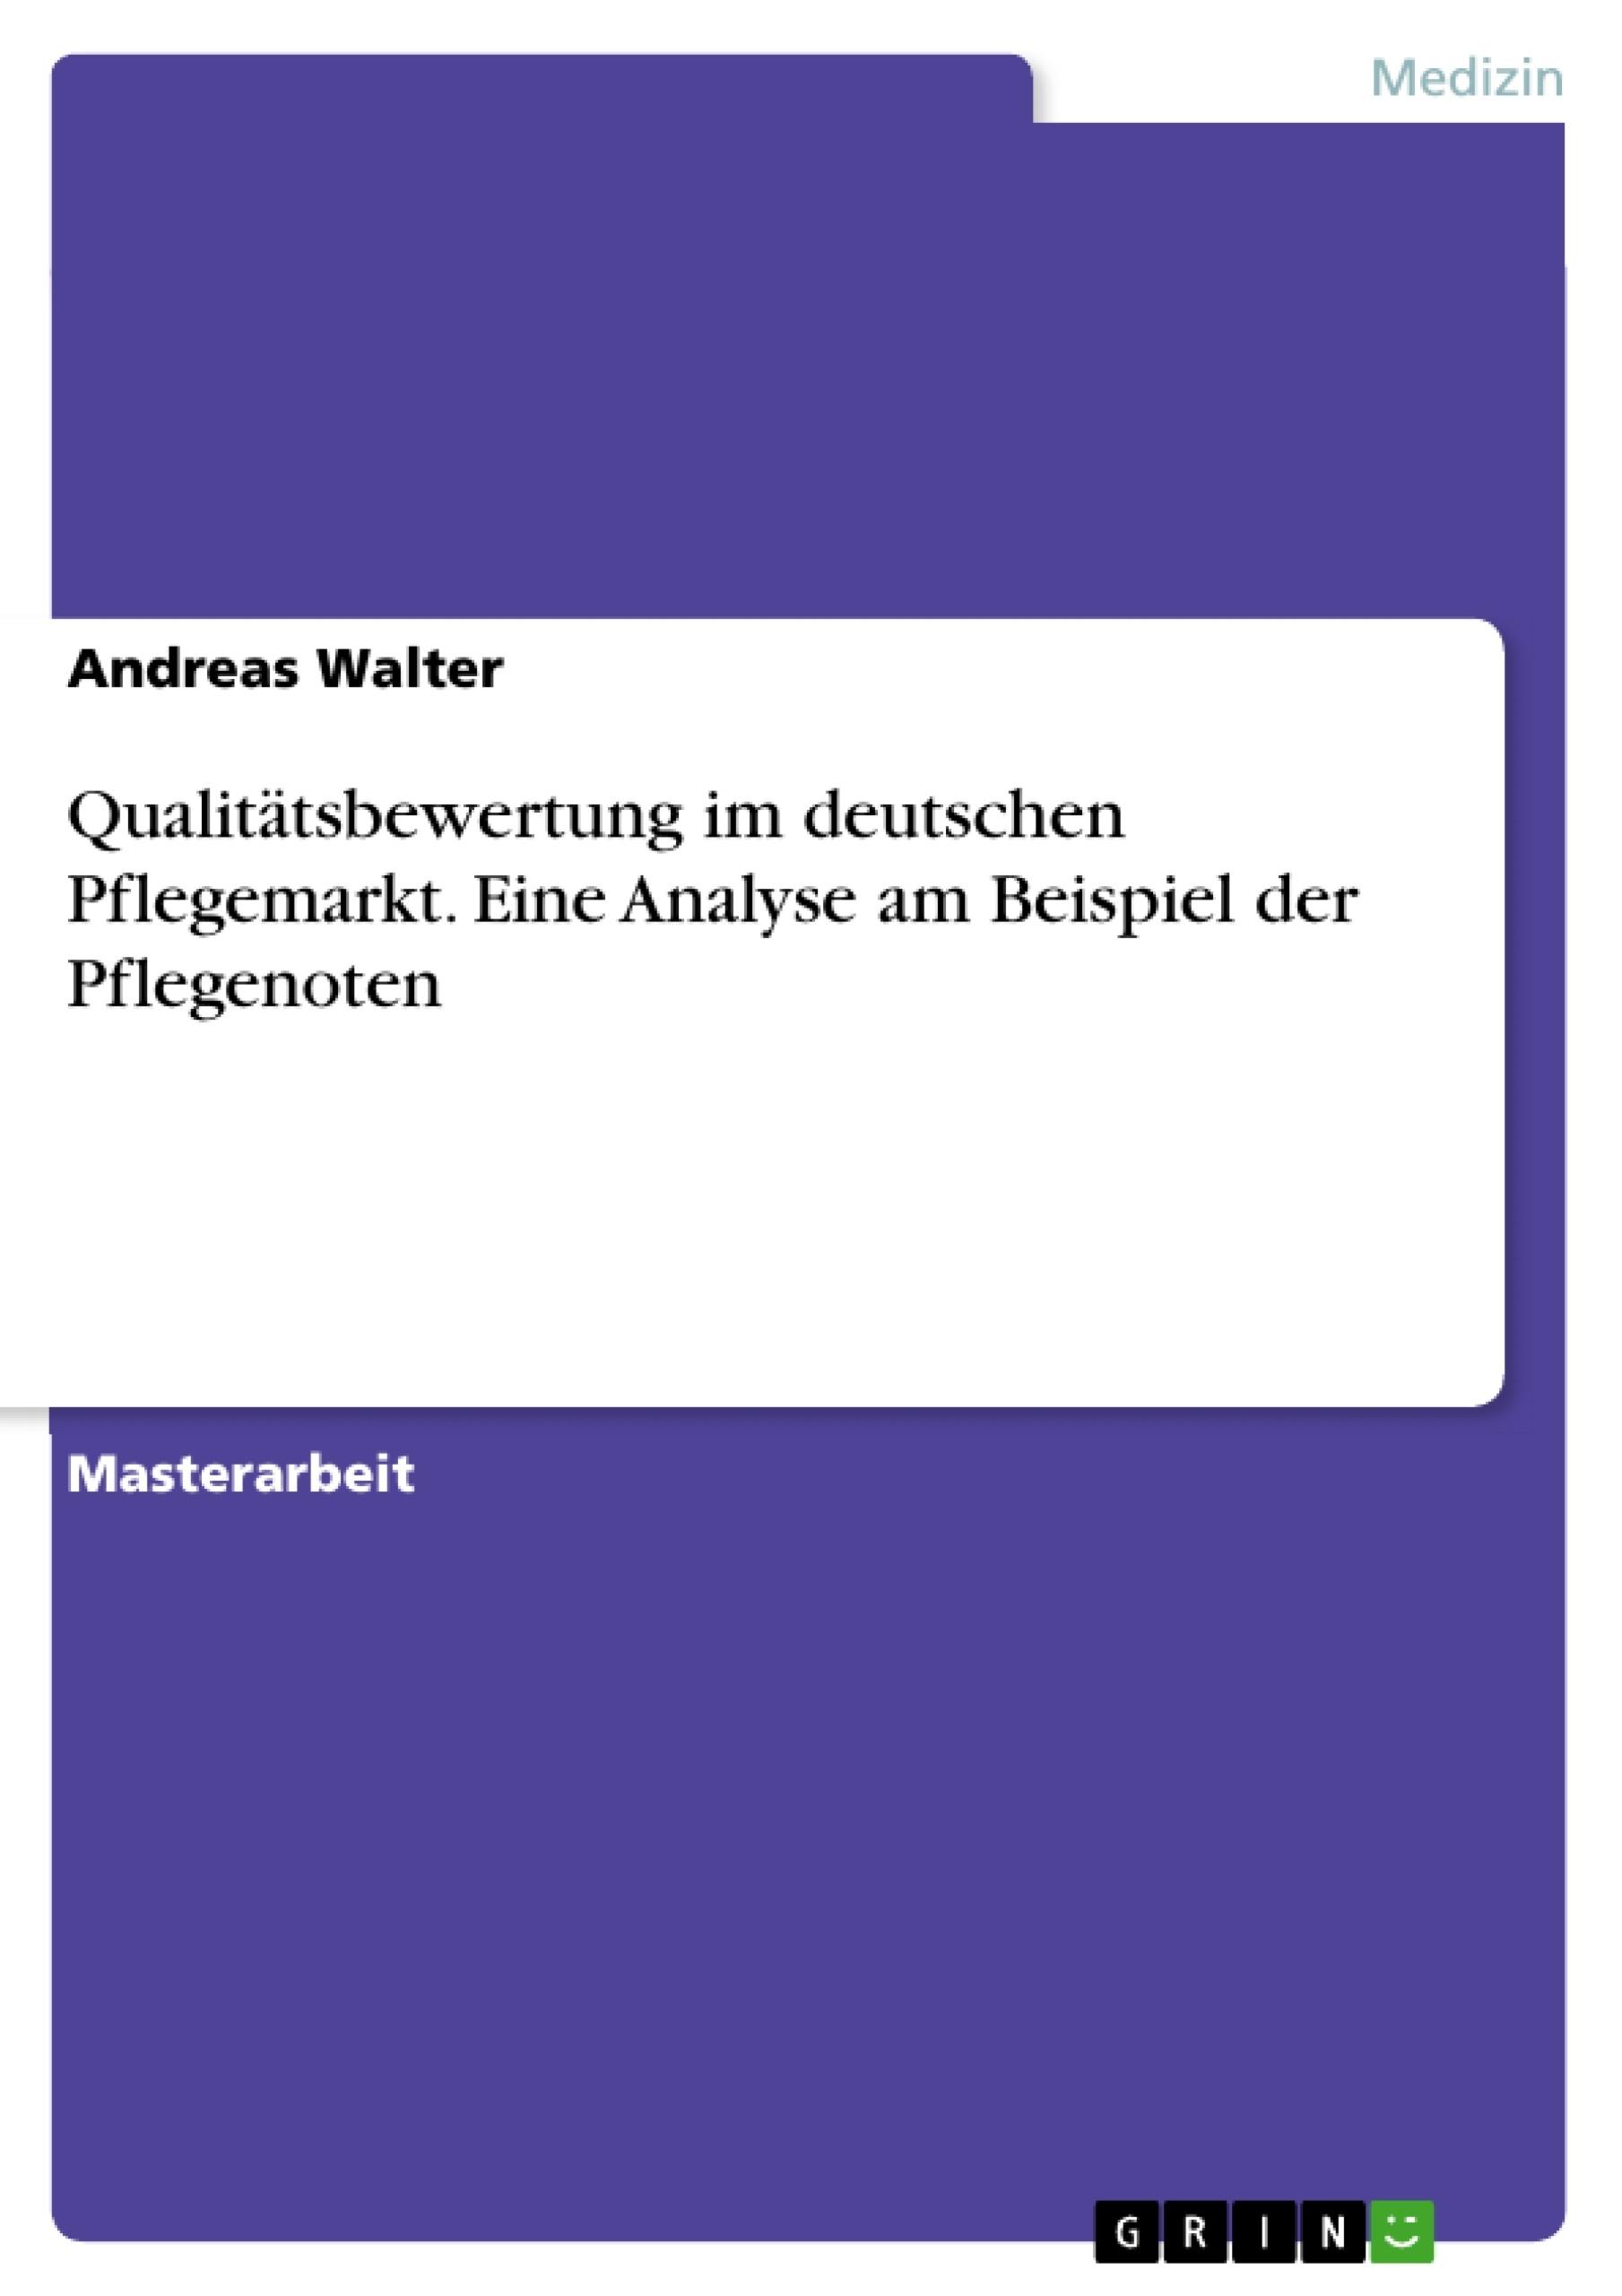 Titel: Qualitätsbewertung im deutschen Pflegemarkt. Eine Analyse am Beispiel der Pflegenoten